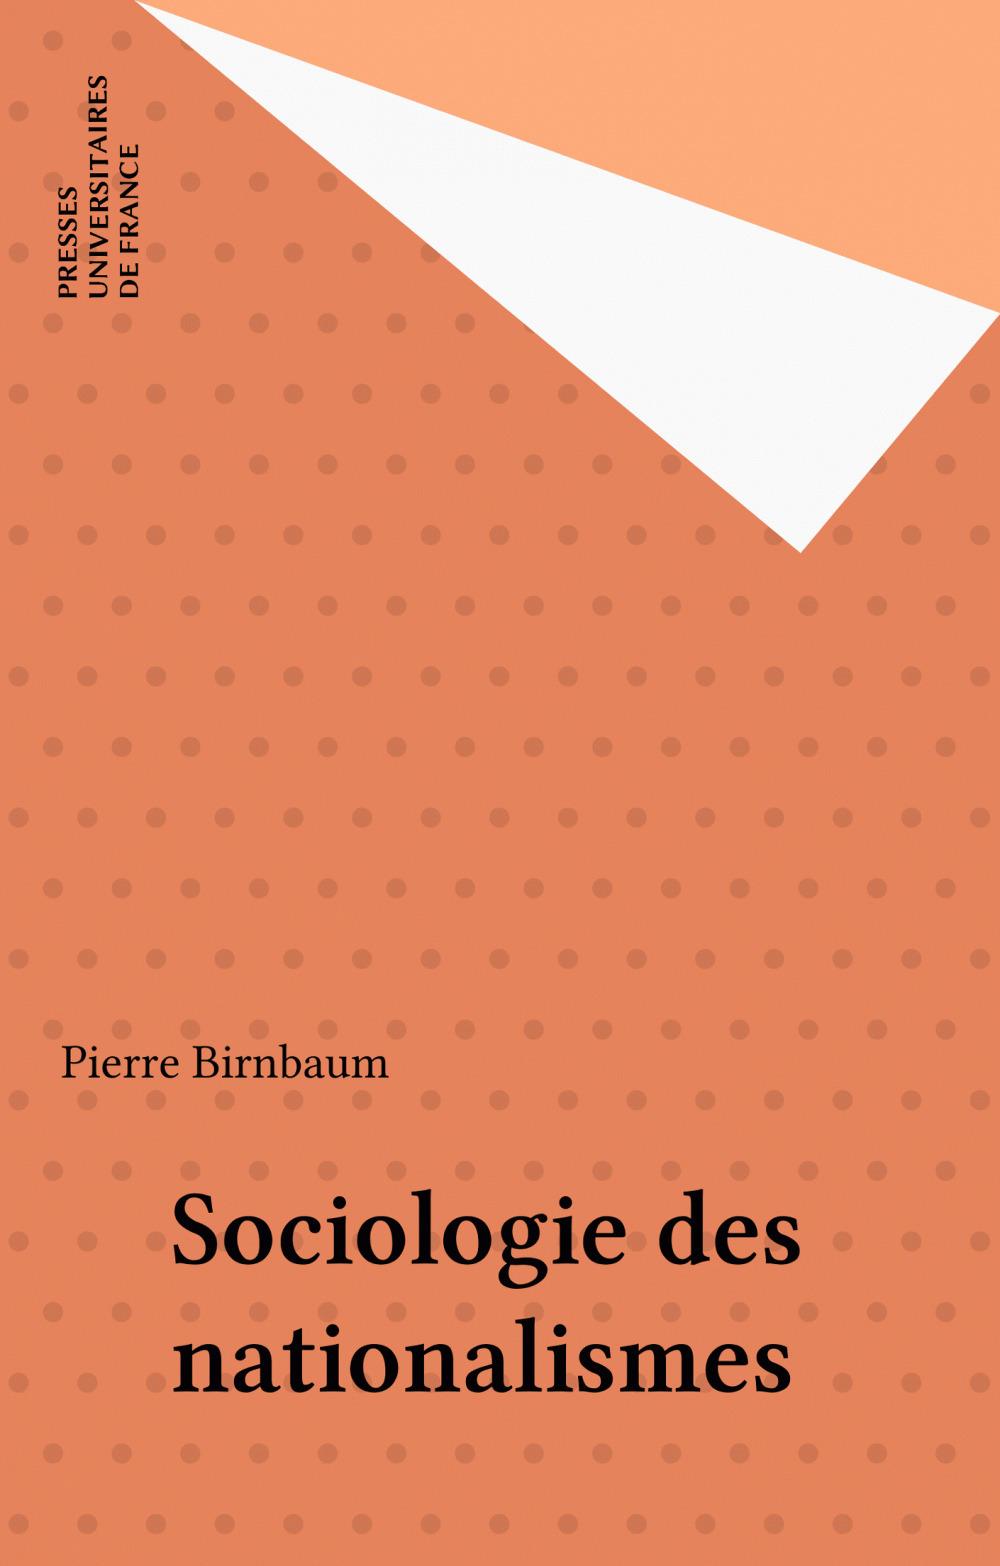 Sociologie des nationalismes